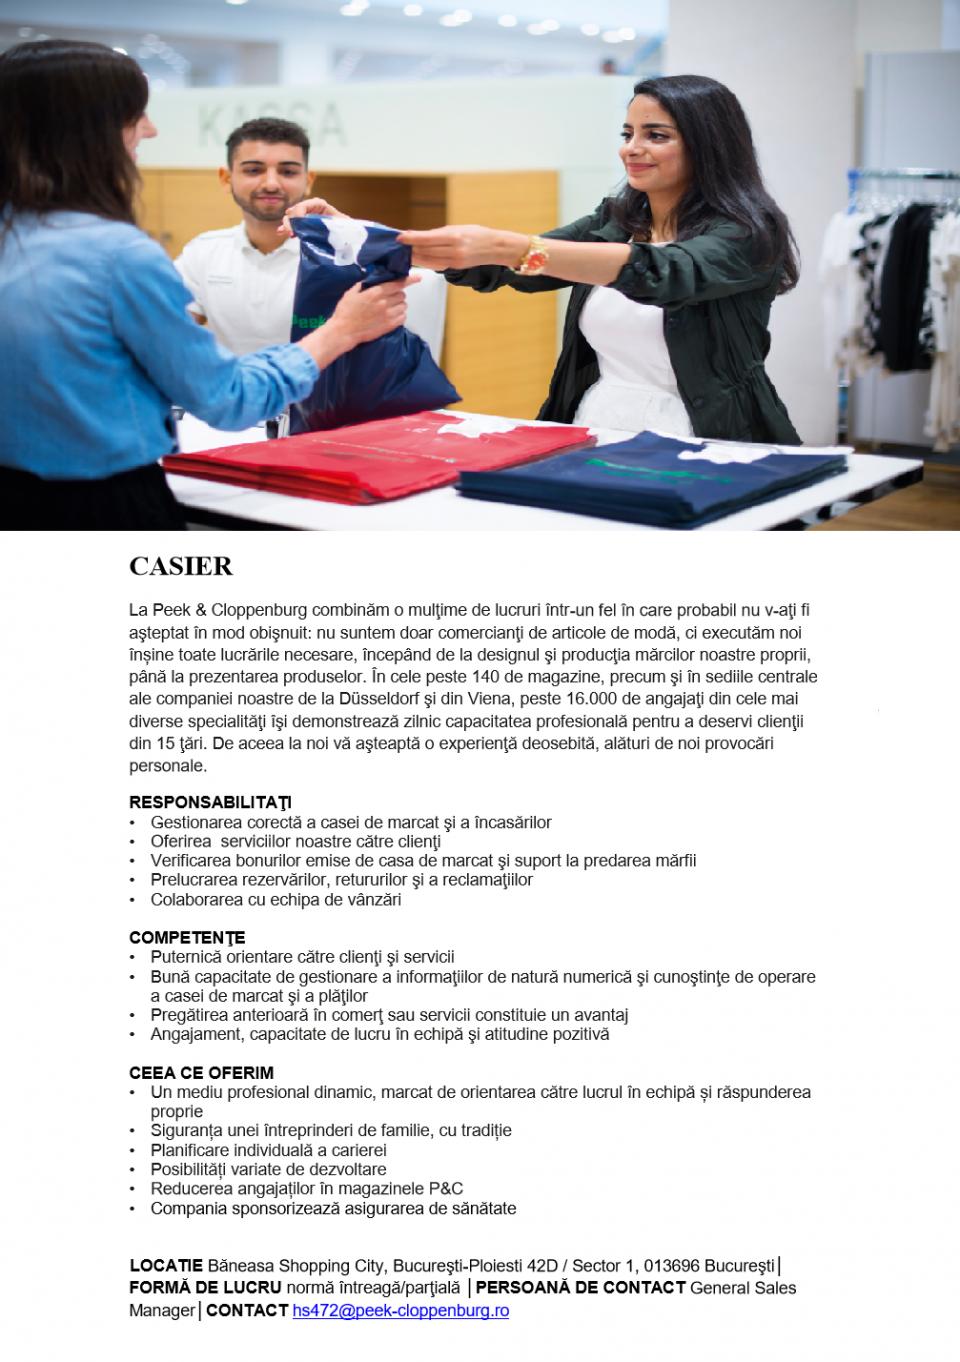 CASIER  La Peek & Cloppenburg combinăm o mulţime de lucruri într-un fel în care probabil nu v-aţi fi aşteptat în mod obişnuit: nu suntem doar comercianţi de articole de modă, ci executăm noi înșine toate lucrările necesare, începând de la designul şi producţia mărcilor noastre proprii, până la prezentarea produselor. În cele peste 140 de magazine, precum şi în sediile centrale ale companiei noastre de la Düsseldorf şi din Viena, peste 16.000 de angajaţi din cele mai diverse specialităţi îşi demonstrează zilnic capacitatea profesională pentru a deservi clienţii din 15 ţări. De aceea la noi vă aşteaptă o experienţă deosebită, alături de noi provocări personale. RESPONSABILITAŢI Gestionarea corectă a casei de marcat şi a încasărilor Oferirea serviciilor noastre către clienţi Verificarea bonurilor emise de casa de marcat şi suport la predarea mărfii Prelucrarea rezervărilor, retururilor şi a reclamaţiilor Colaborarea cu echipa de vânzări COMPETENŢE Puternică orientare către clienţi şi servicii Bună capacitate de gestionare a informaţiilor de natură numerică şi cunoştinţe de operare a casei de marcat şi a plăţilor Pregătirea anterioară în comerţ sau servicii constituie un avantaj Angajament, capacitate de lucru în echipă şi atitudine pozitivă CEEA CE OFERIM Un mediu profesional dinamic, marcat de orientarea către lucrul în echipă și răspunderea proprie Siguranța unei întreprinderi de familie, cu tradiție Planificare individuală a carierei Posibilități variate de dezvoltare Reducerea angajaților în magazinele P&C Compania sponsorizează asigurarea de sănătate  LOCATIE Băneasa Shopping City, Bucureşti-Ploiesti 42D / Sector 1, 013696 Bucureşti│ FORMĂ DE LUCRU normă întreagă/parţială │PERSOANĂ DE CONTACT General Sales Manager│CONTACT hs472@peek-cloppenburg.ro